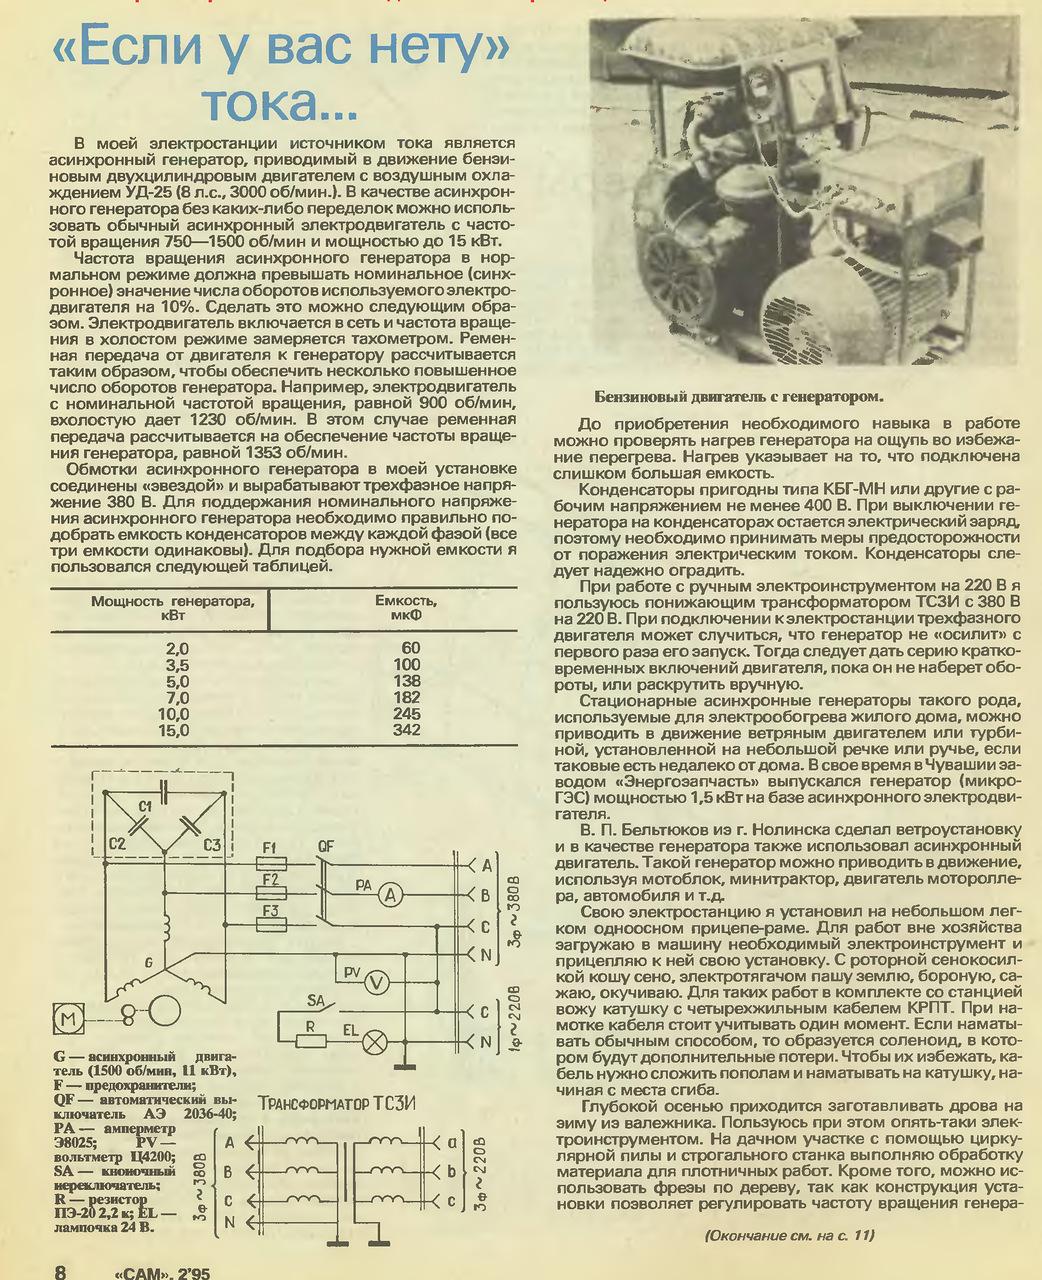 Схема предохранителя переменного тока